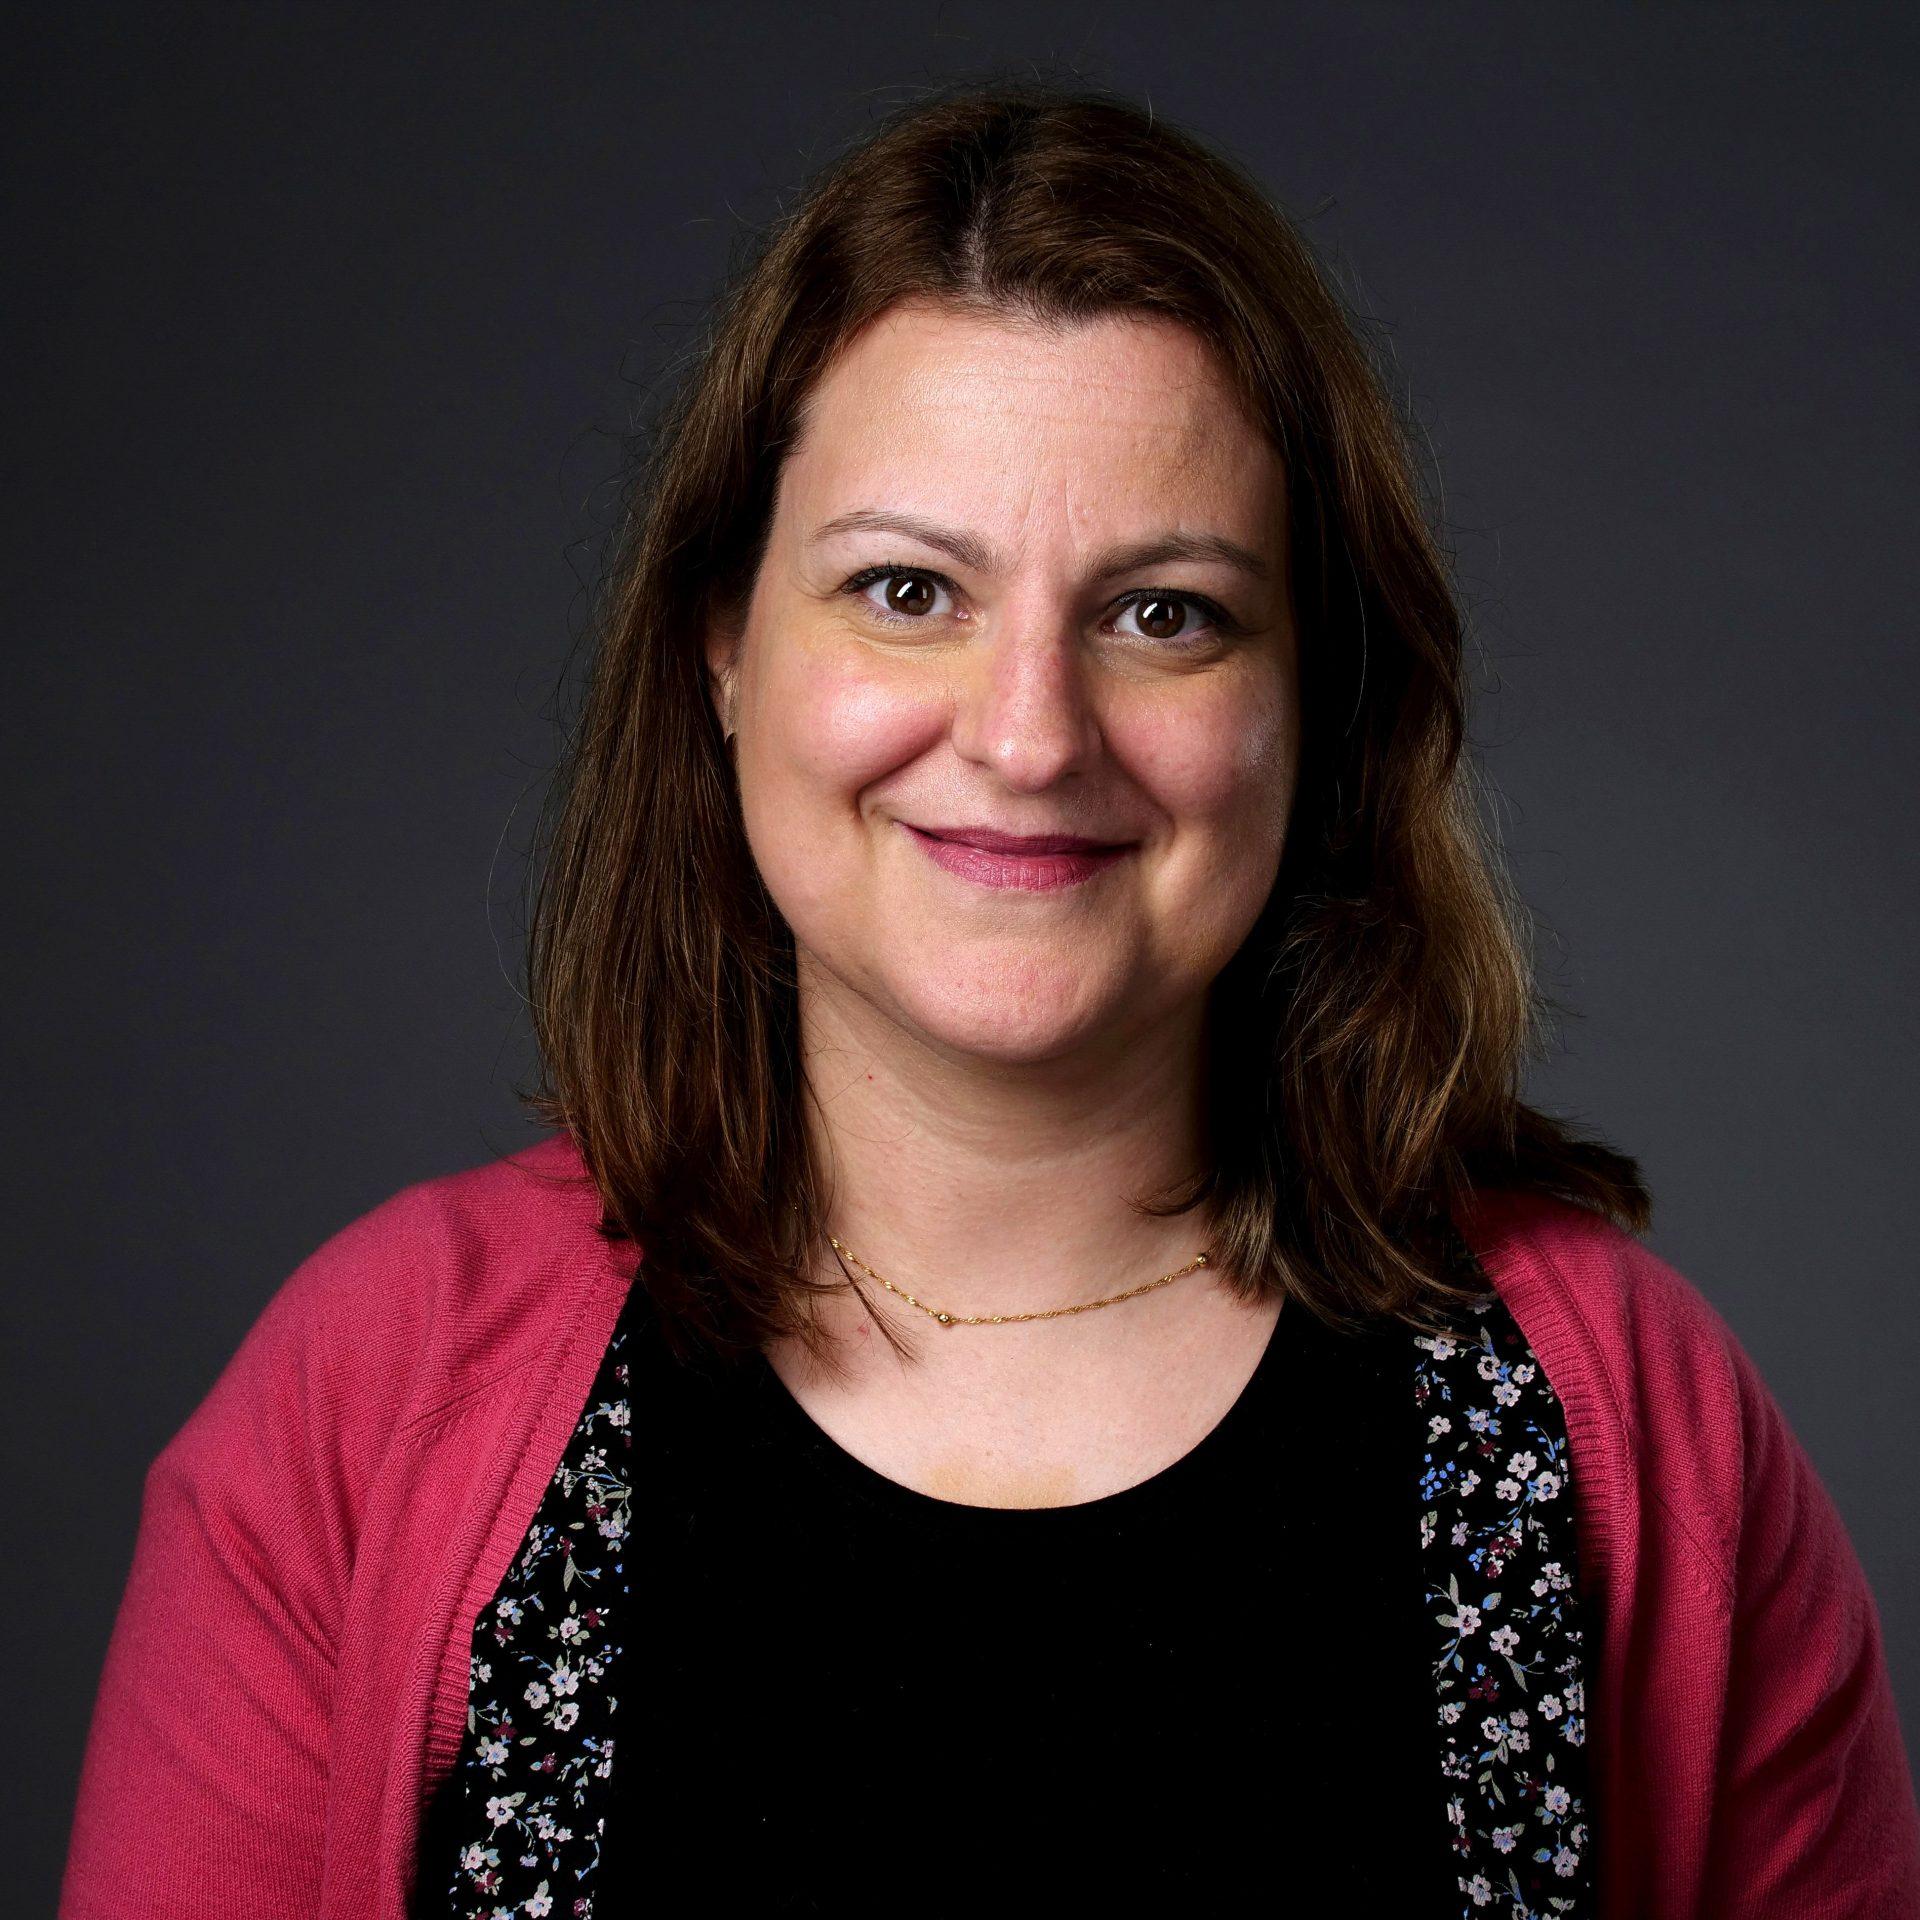 Célia Baltazar